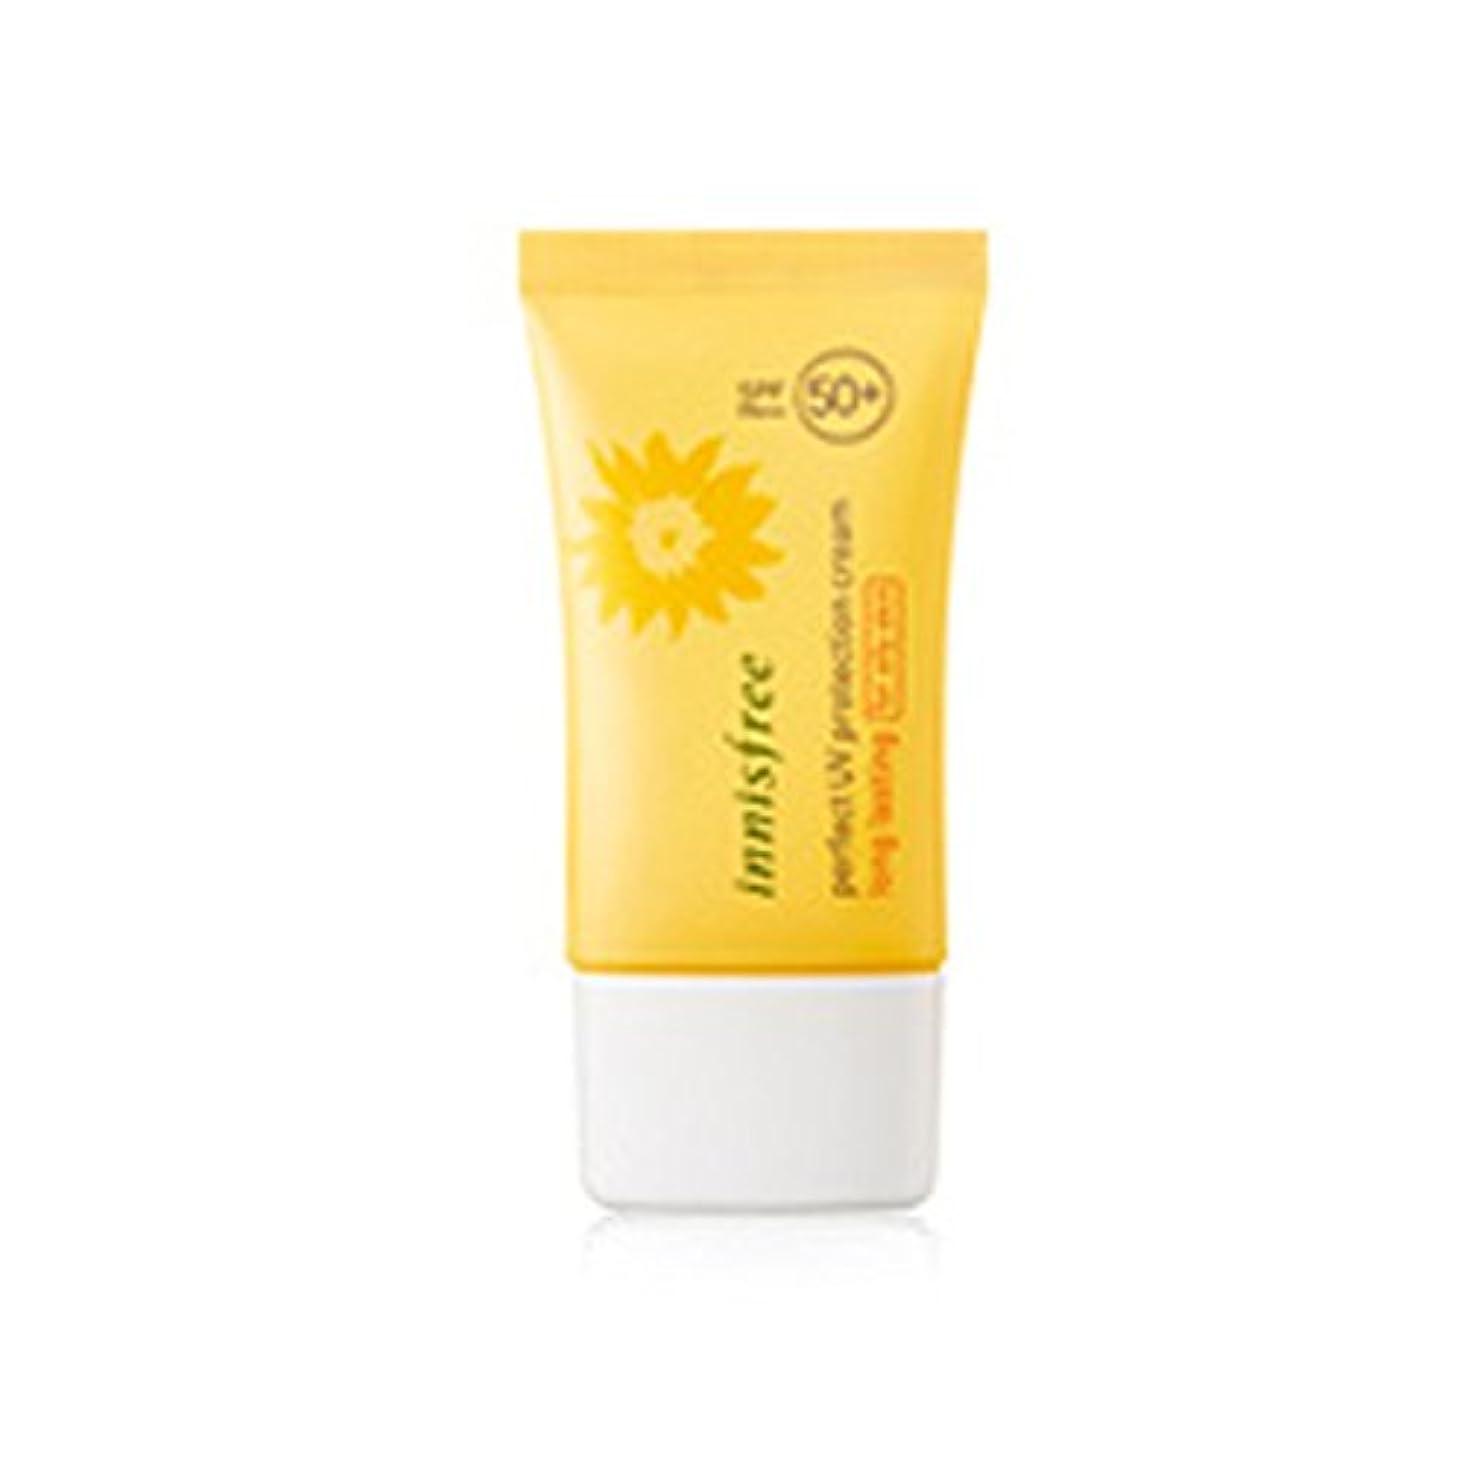 犯人後者用量イニスフリーパーフェクトUVプロテクションクリームロングサロン/オイリースキン用50ml SPF50 + PA +++ Innisfree Perfect UV Protection Cream_Long lasting/For Oily skin_ 50ml SPF50+ PA+++ [海外直送品][並行輸入品]